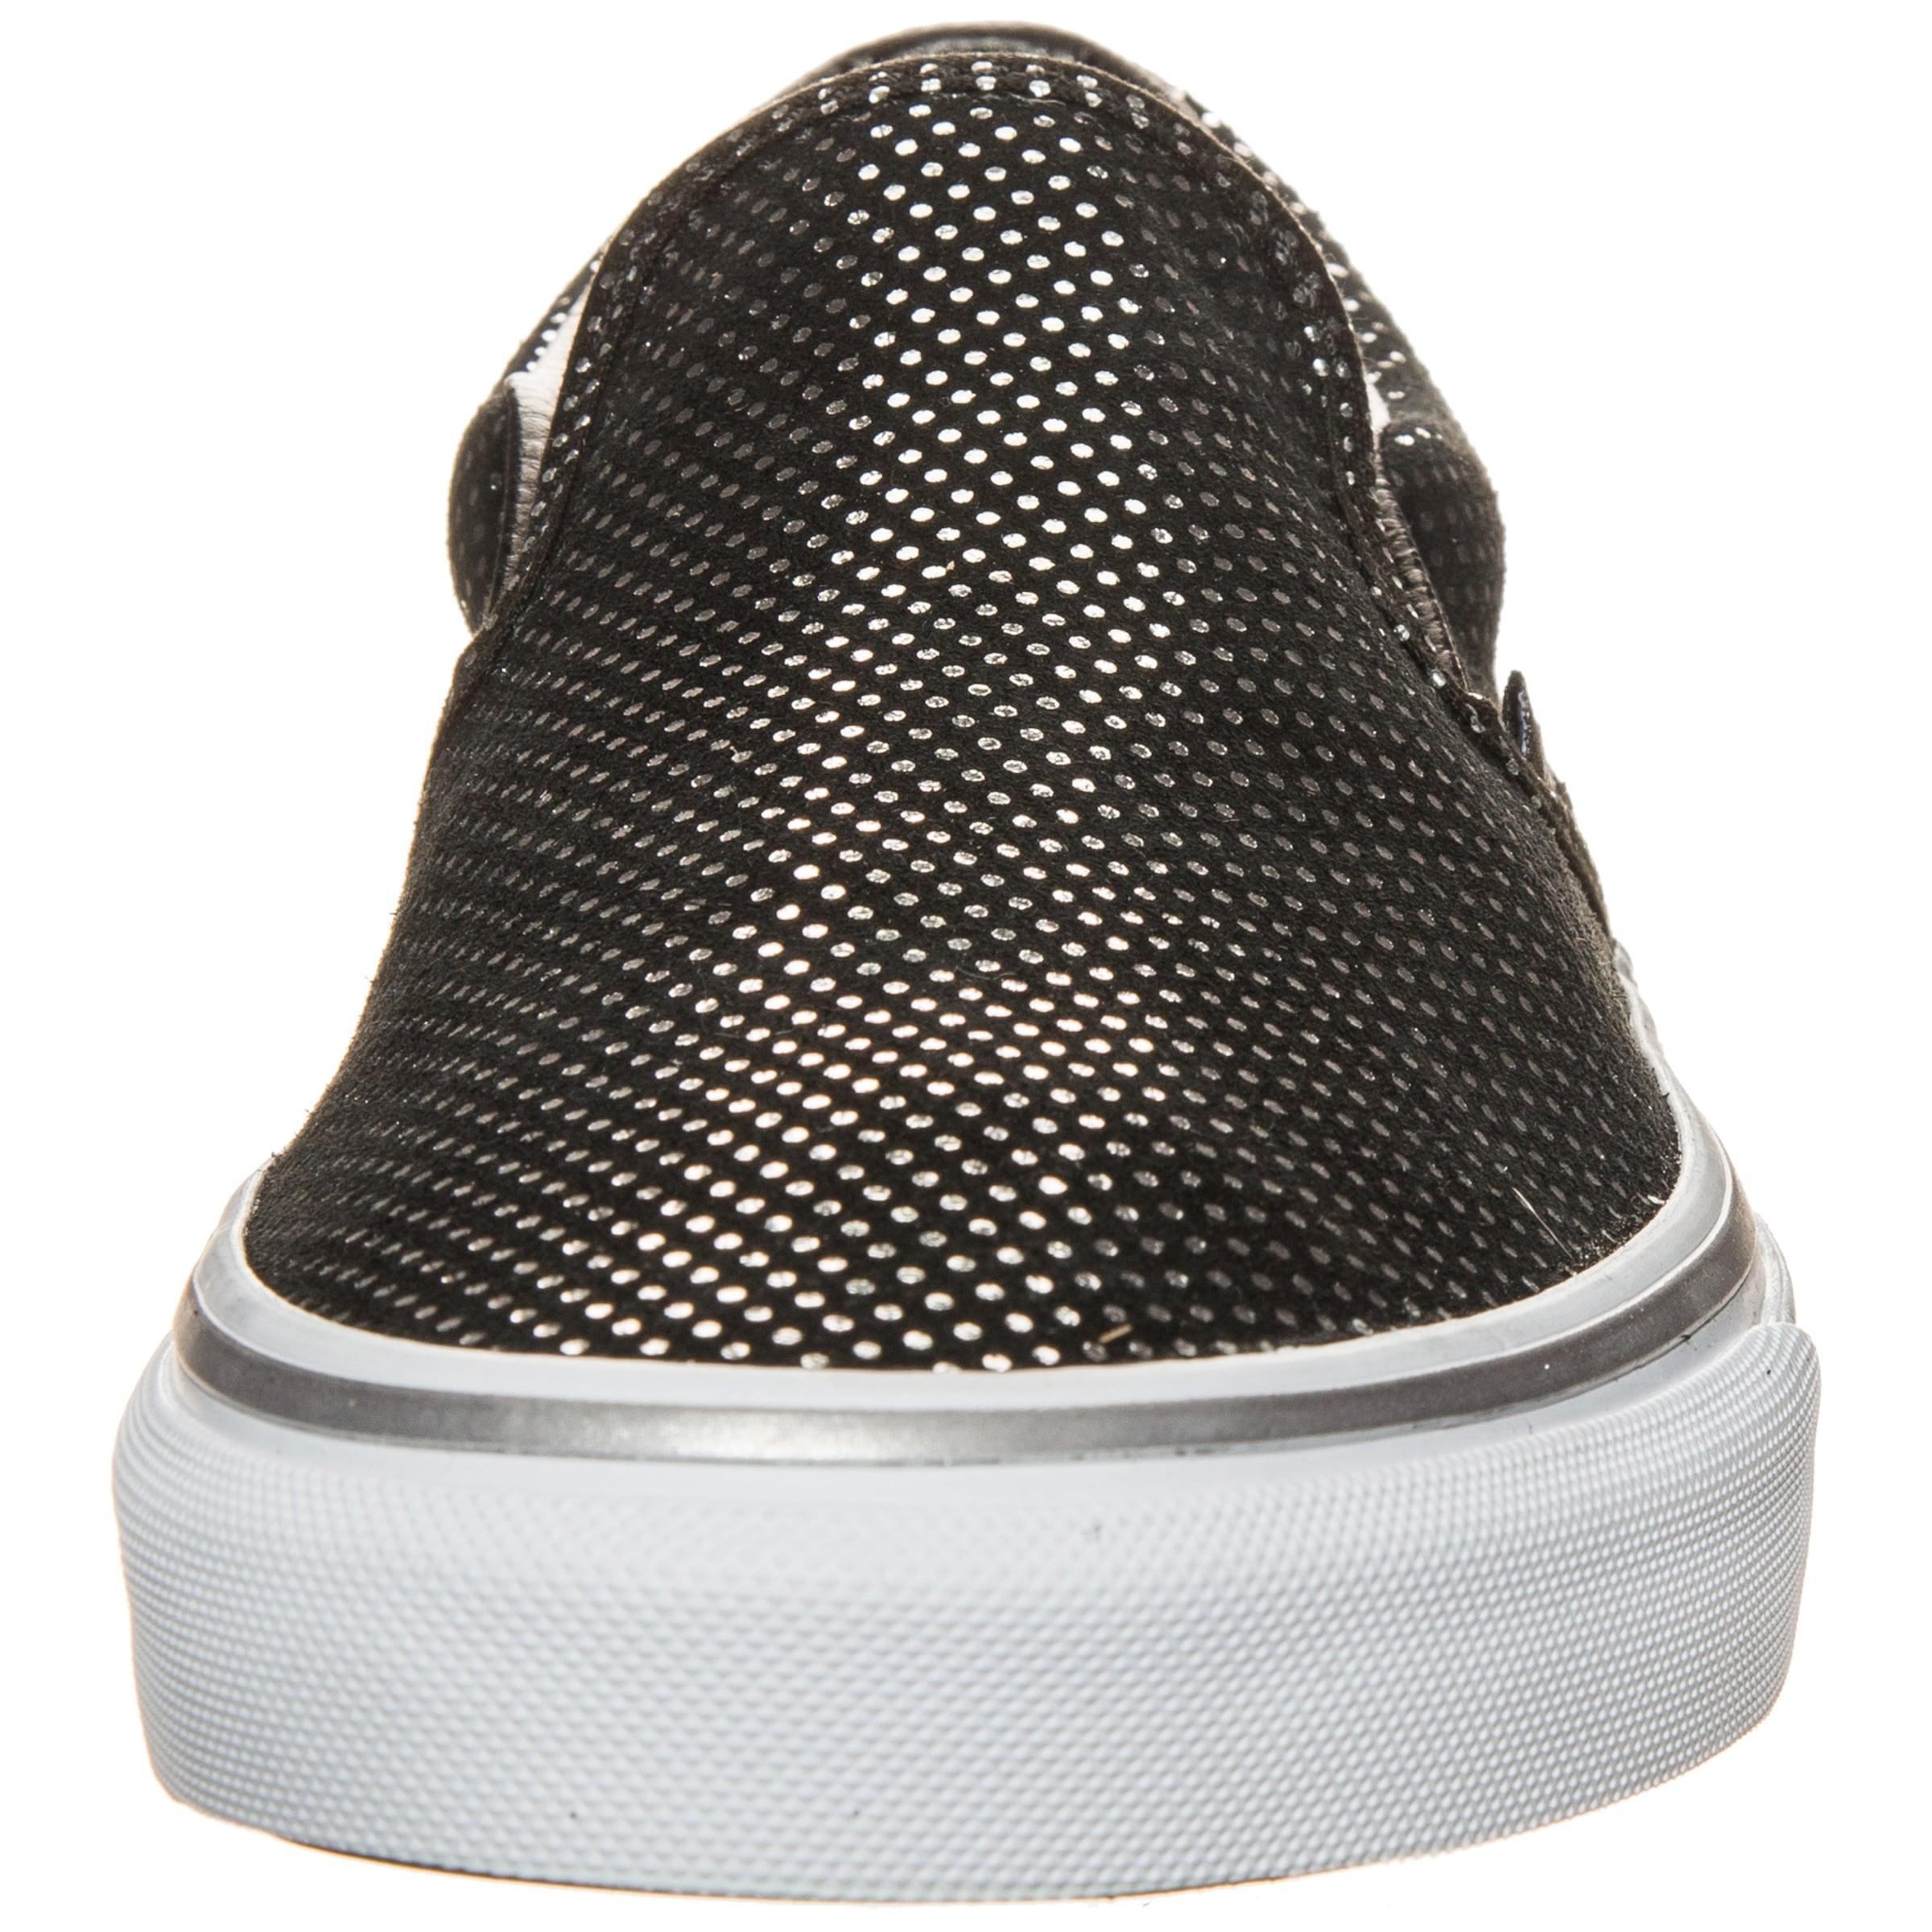 VANS Classic Slip-On Metallic Dots Sneaker Damen Billig Verkauf Wirklich Der Günstigste Günstige Preis Erscheinungsdaten Günstig Online Kaufen Günstig Online Große Diskont Günstig Online sXJj8GFxL5